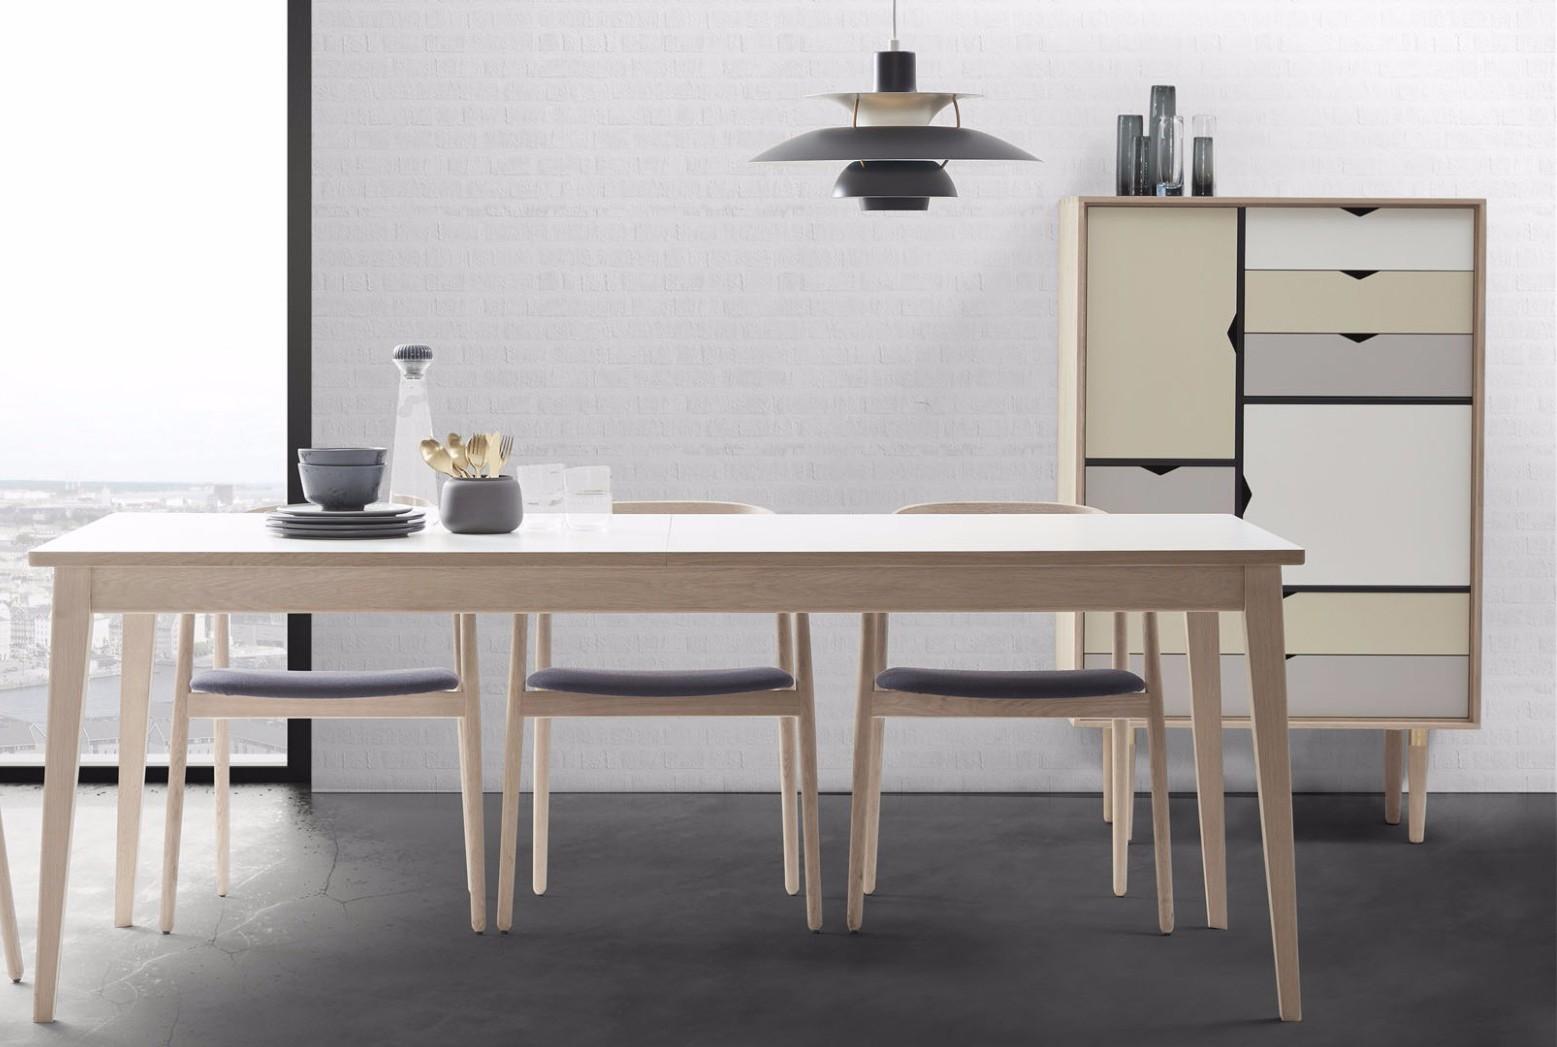 Plate bord | Møbelgalleriet Stavanger | Designmøbler